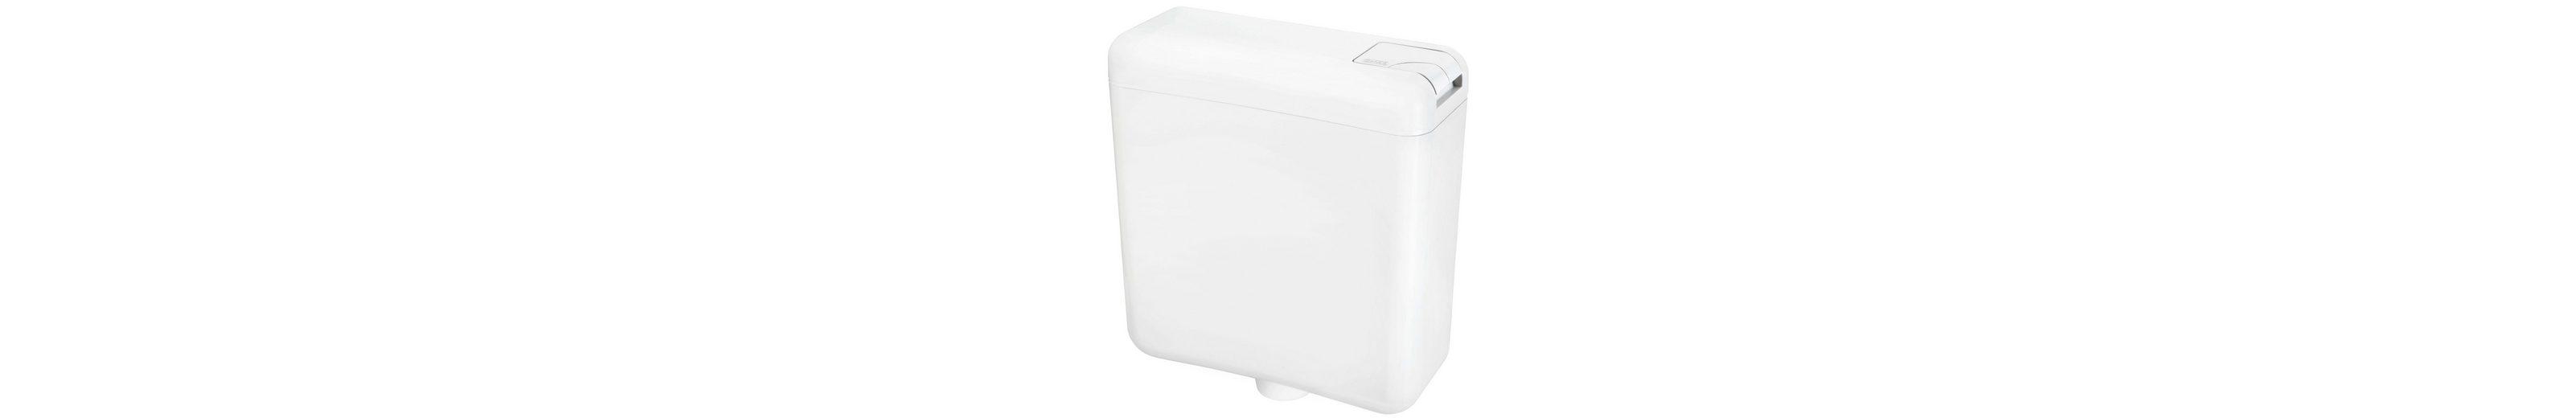 WC-Spülkasten, weiß